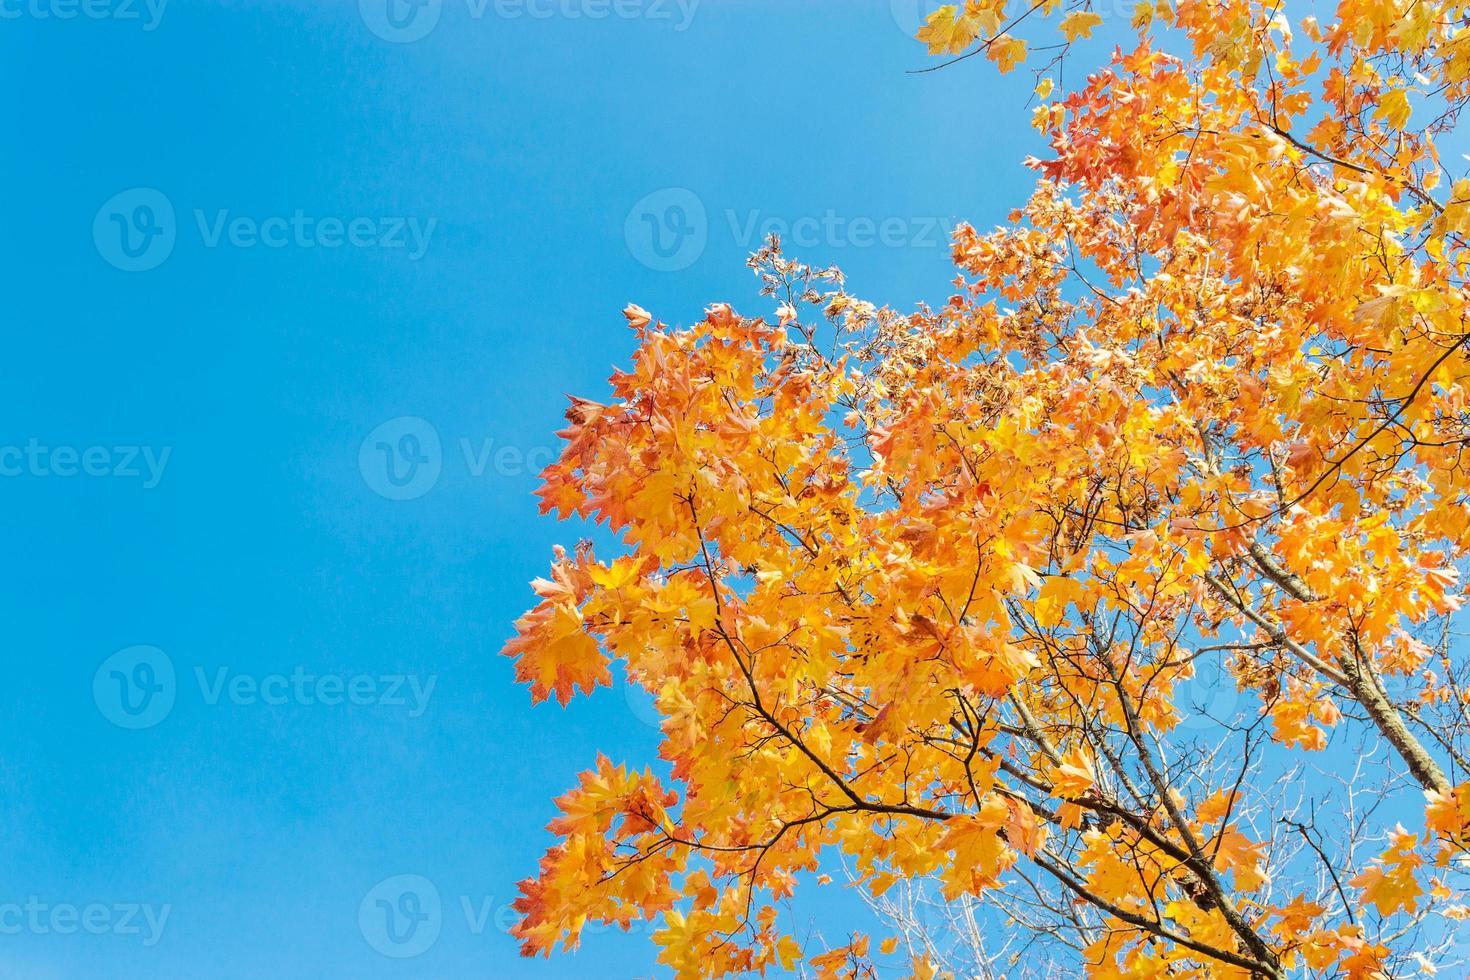 feuilles d'érable photo